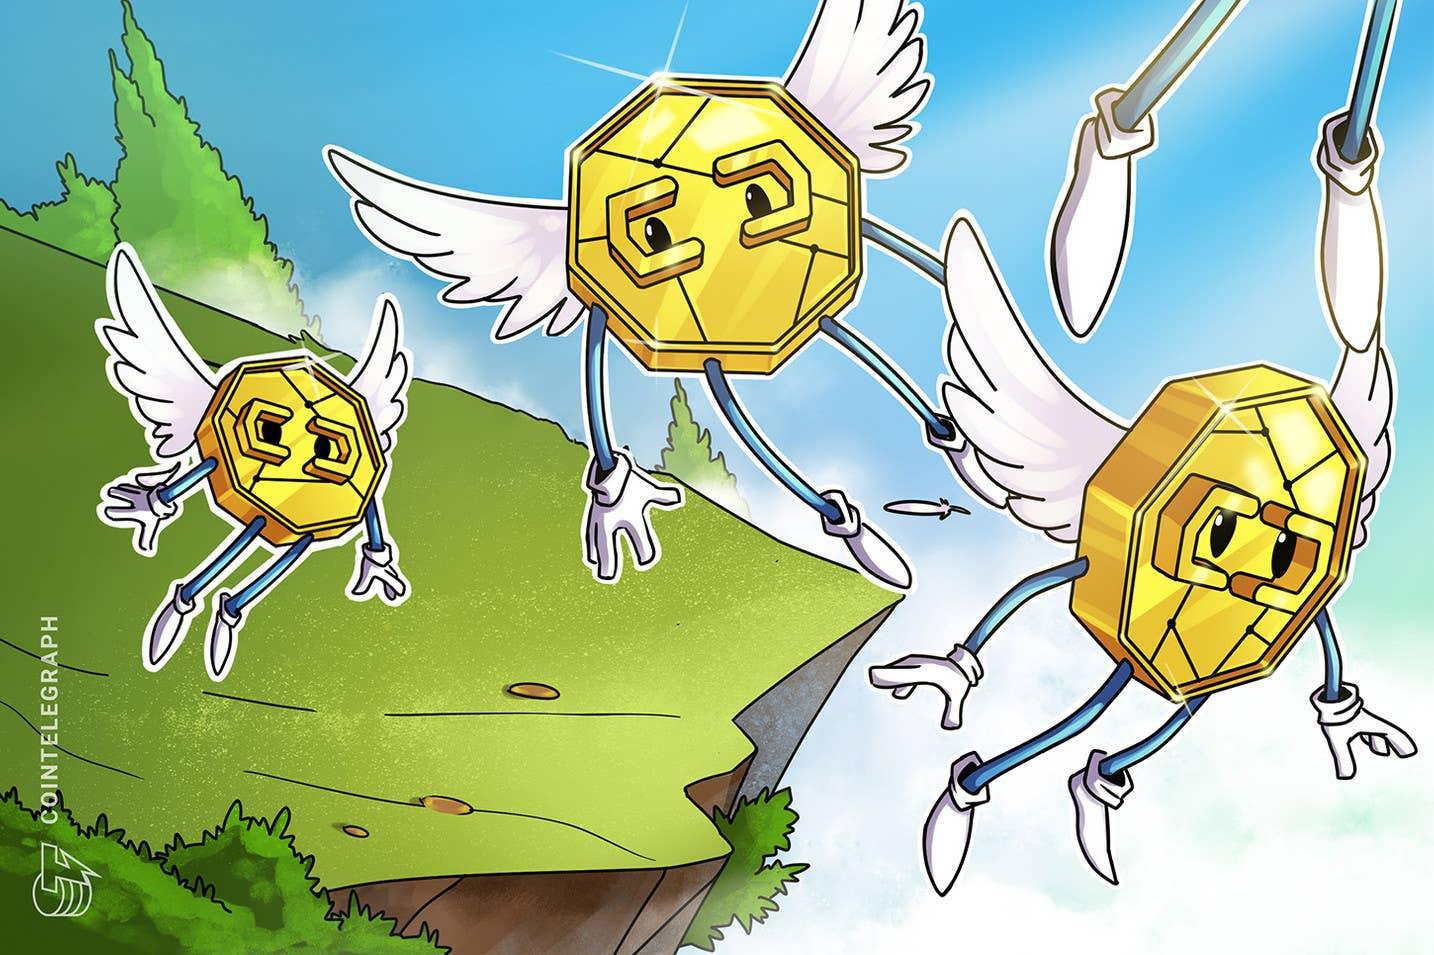 Propostas de governança e lançamentos de camada dois fornecem um impulso para altcoins